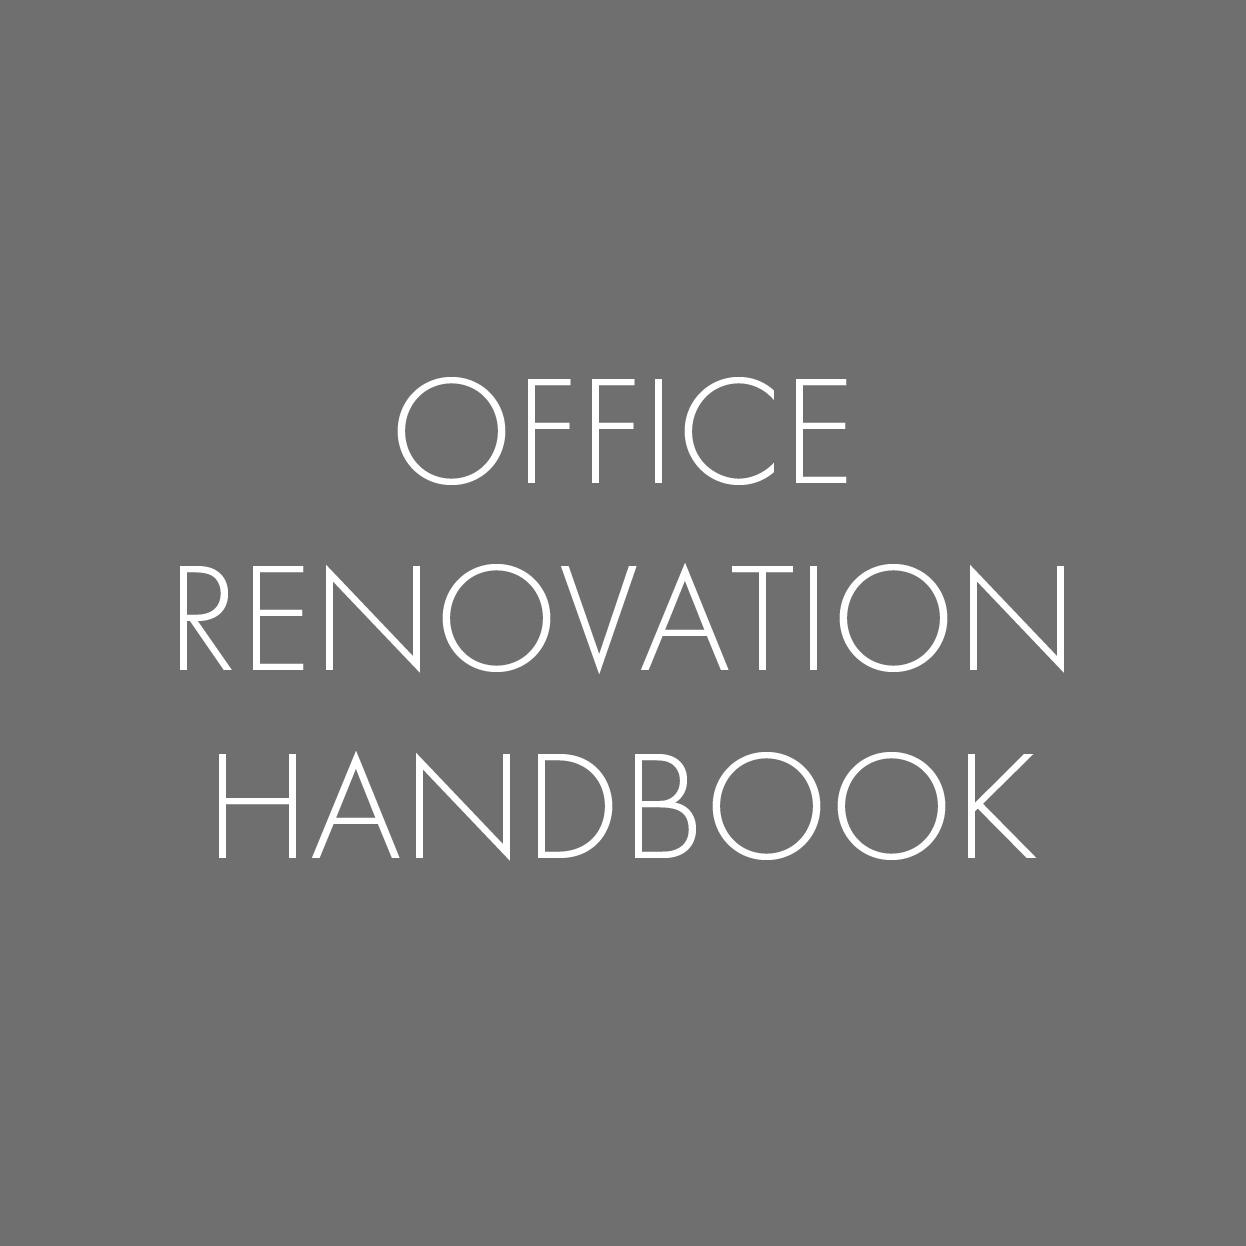 THUMBNAIL_OFFICE RENOVATION HANDBOOK.jpg